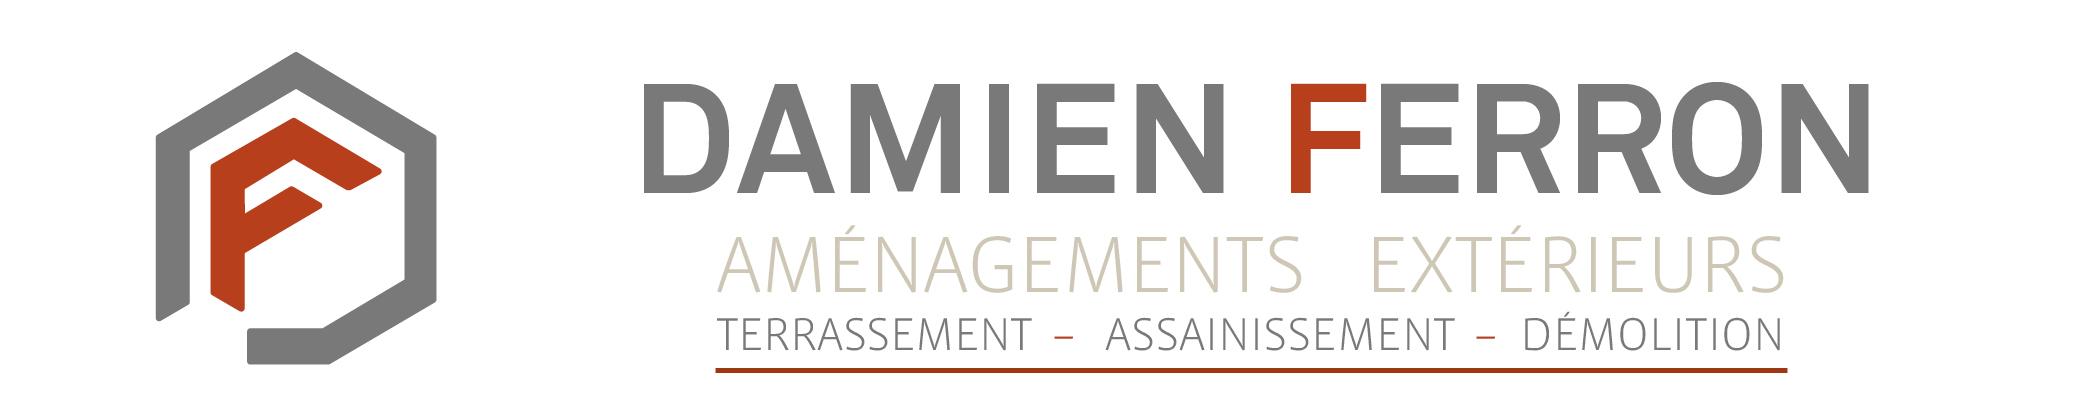 DAMIEN FERRON – AMENAGEMENTS EXTERIEURS